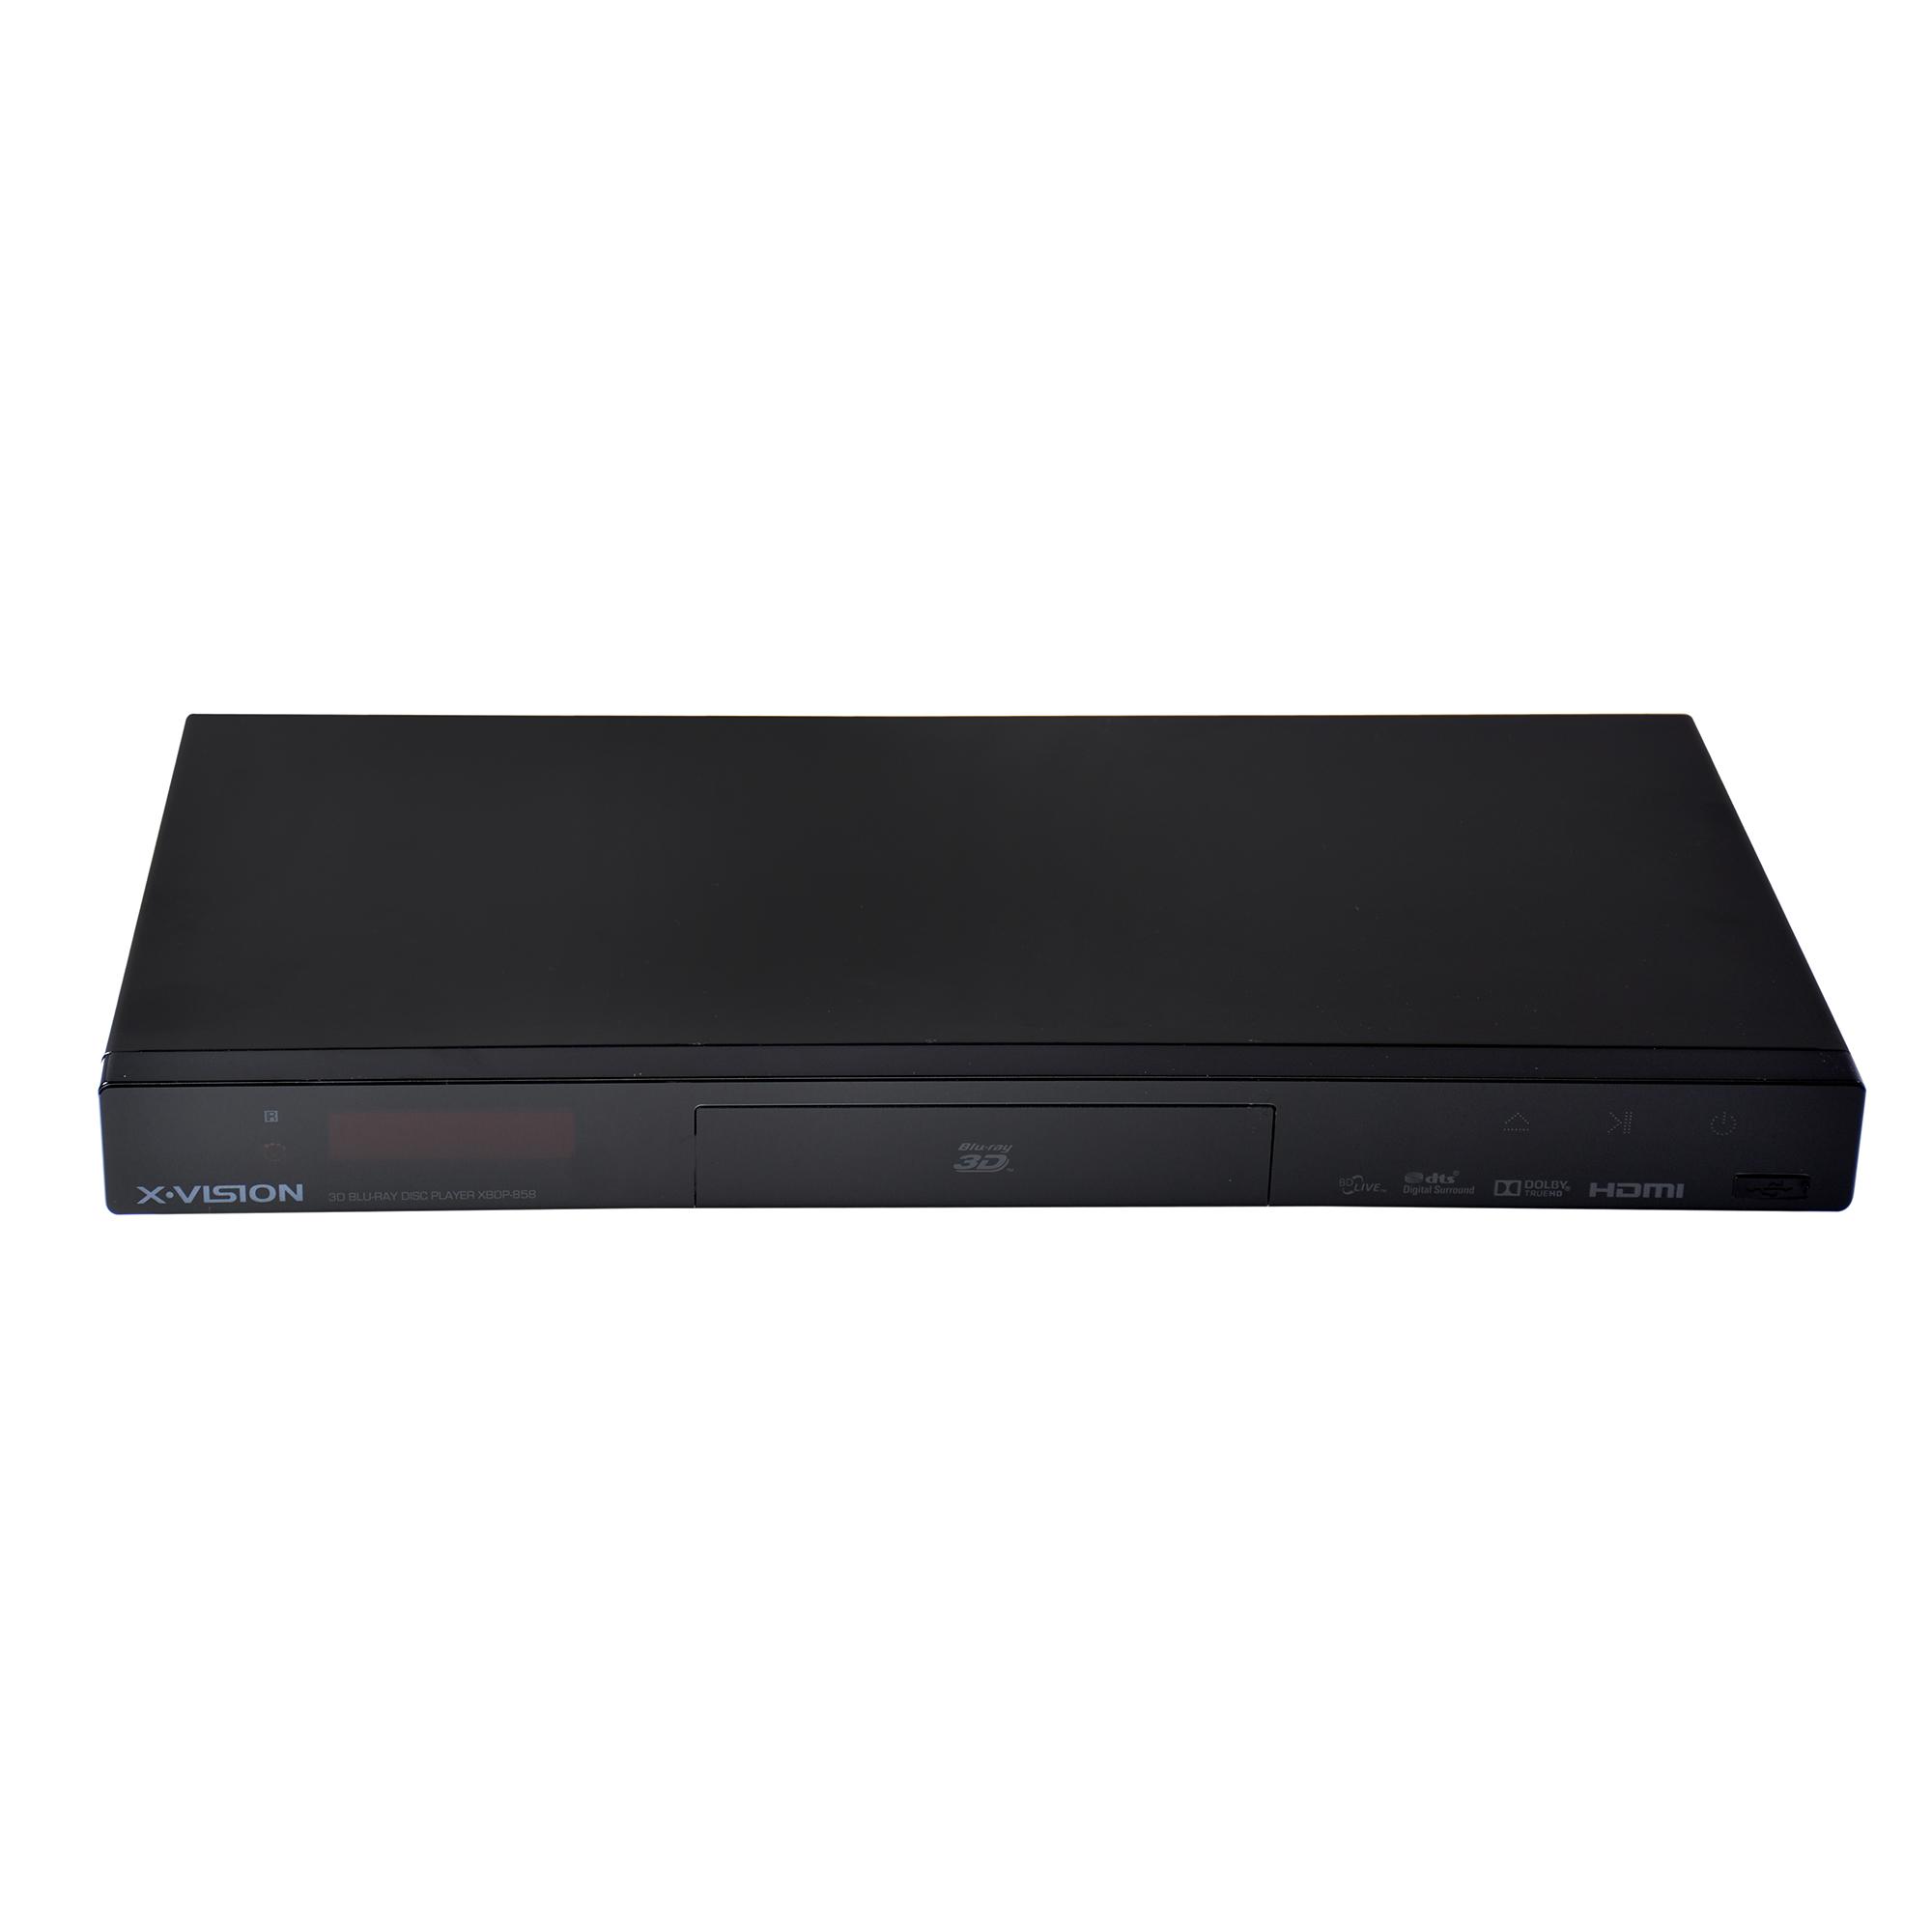 خرید اینترنتی پخش کننده ایكس ویژن مدل XBDP-858 اورجینال